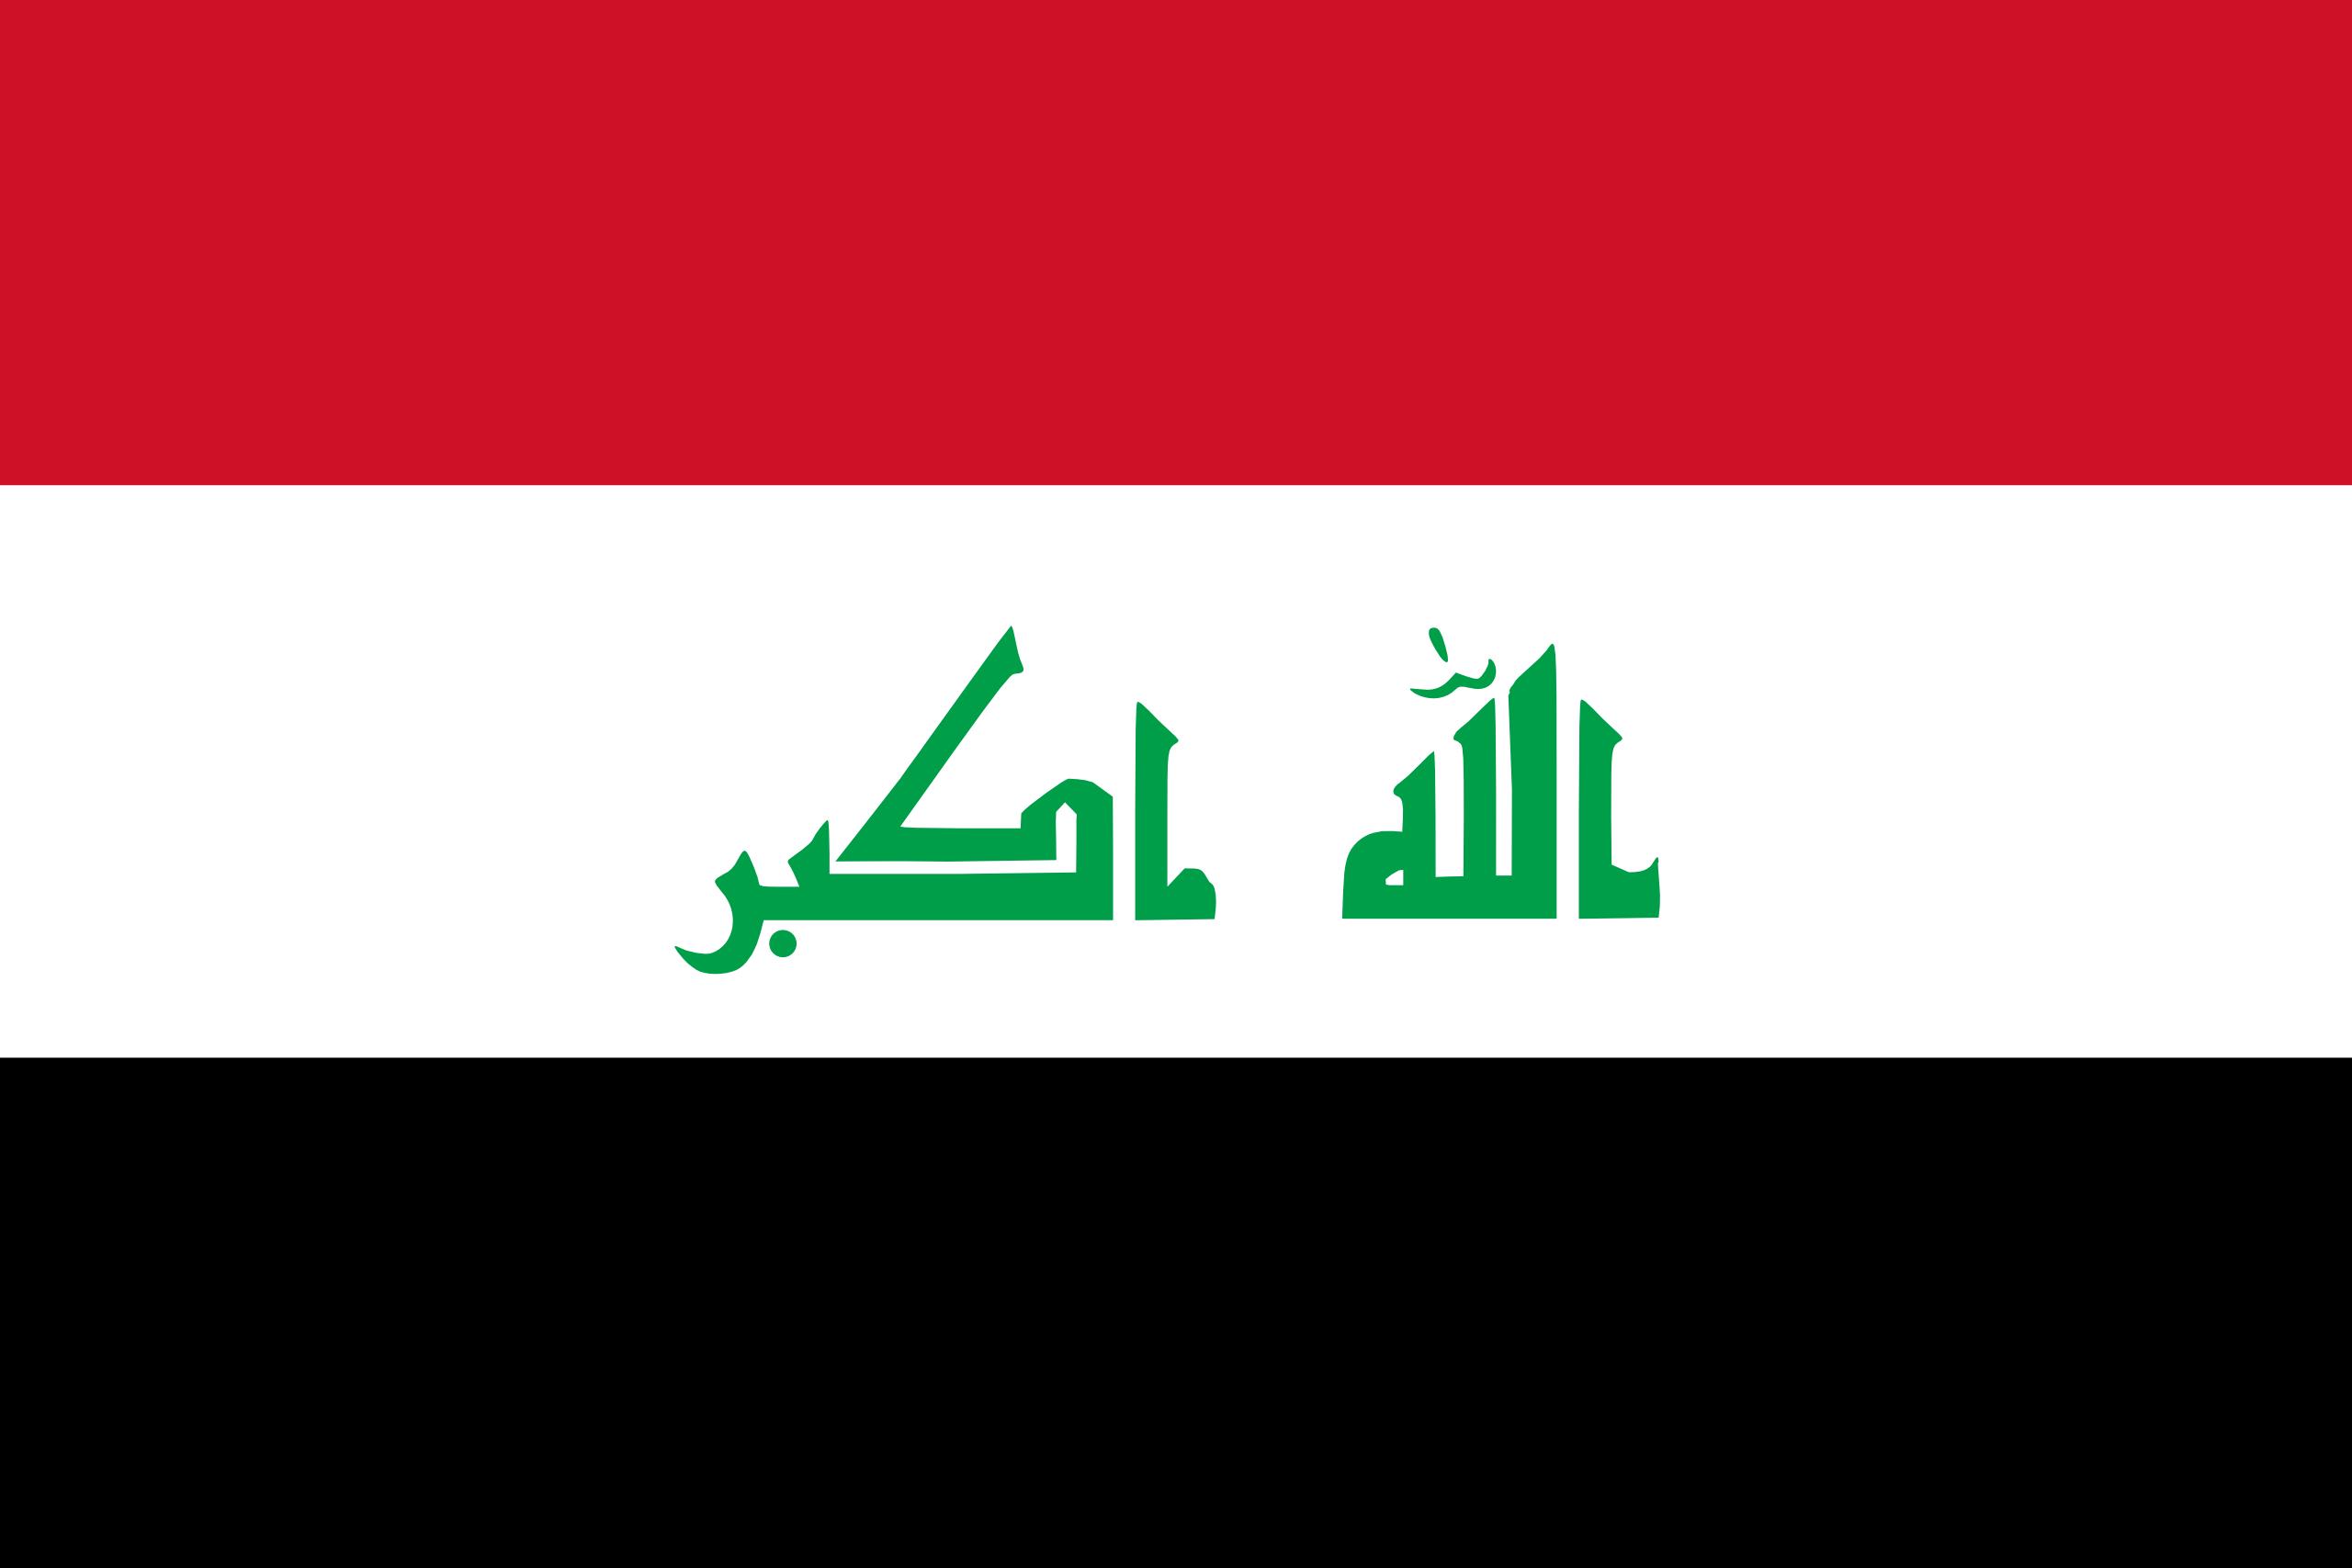 iraq, Land, Emblem, Logo, Symbol - Wallpaper HD - Prof.-falken.com